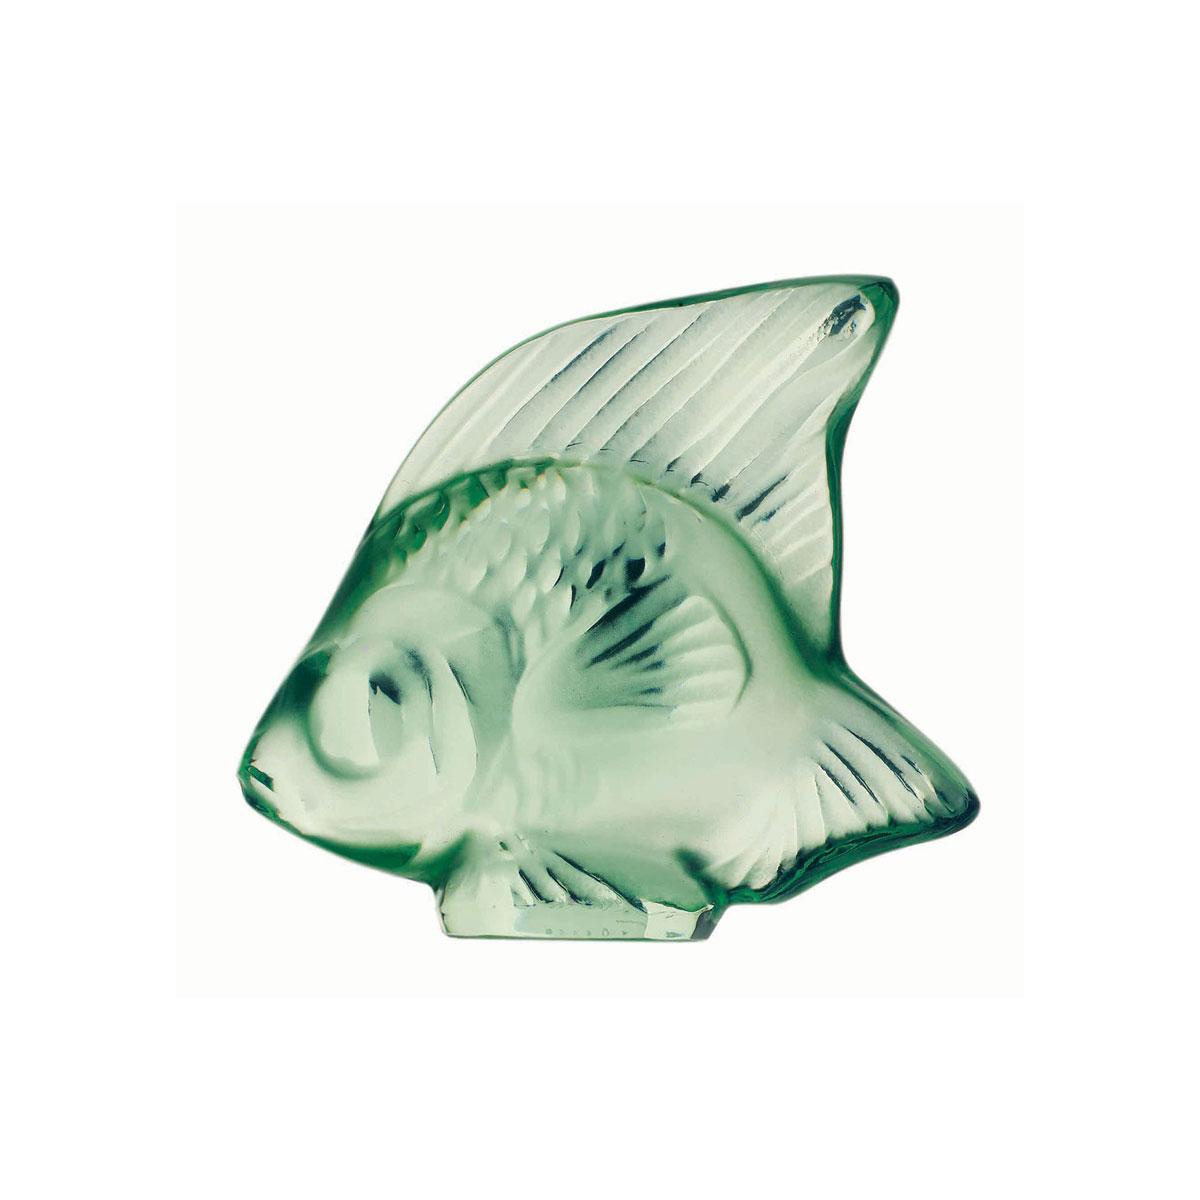 Lalique Crystal, Mint Green Fish Sculpture